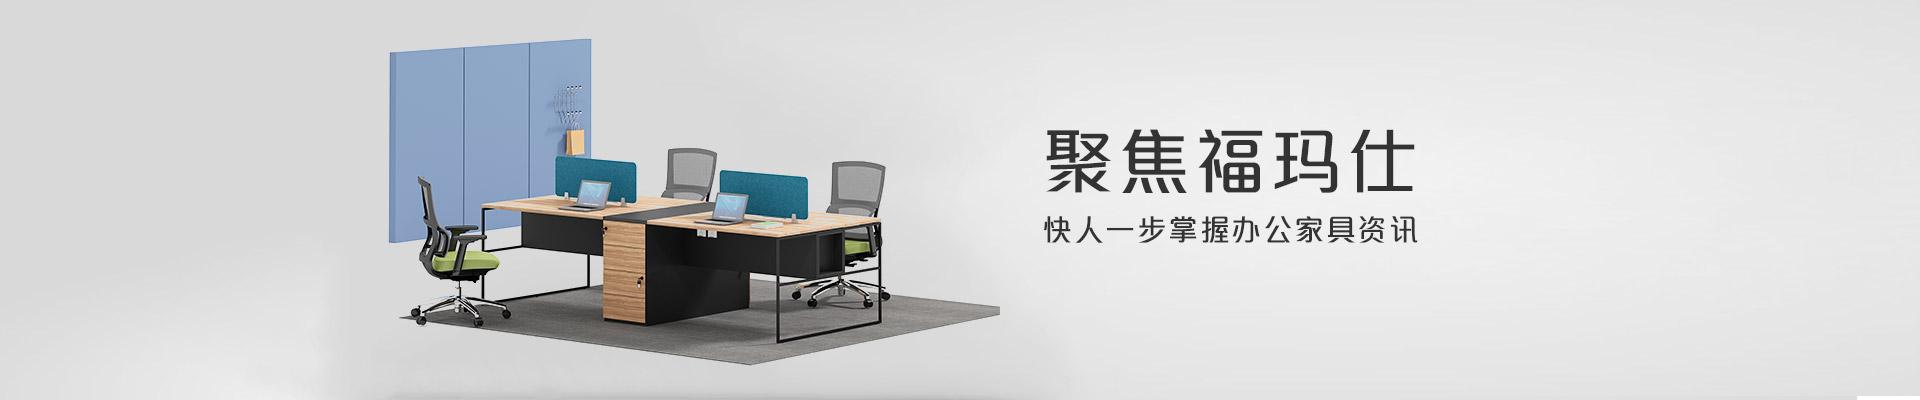 聚焦福玛仕 快人一步掌握办公家具资讯